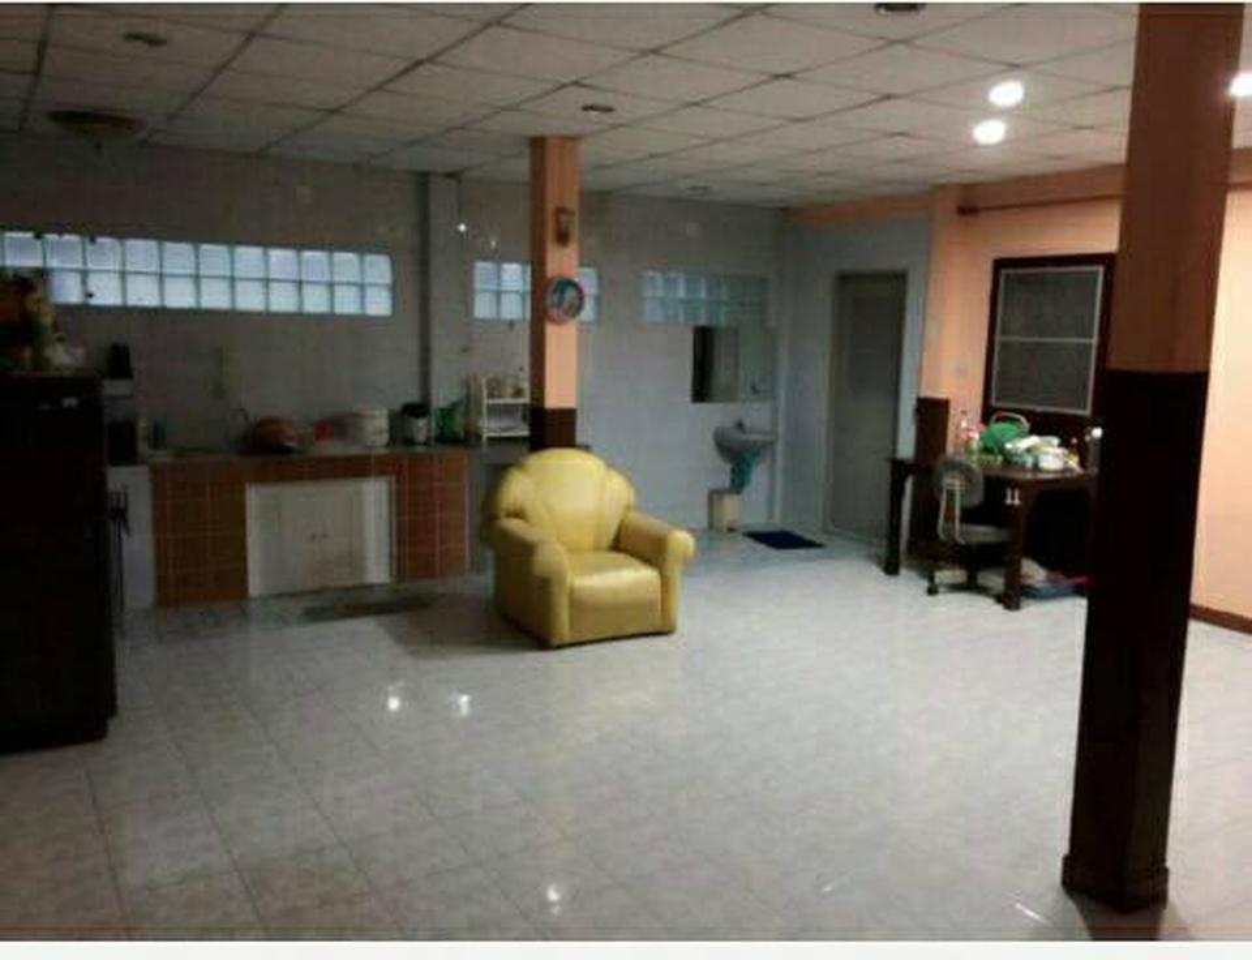 ขาย/เช่า  บ้านเดี่ยวราคาถูก รูปที่ 5